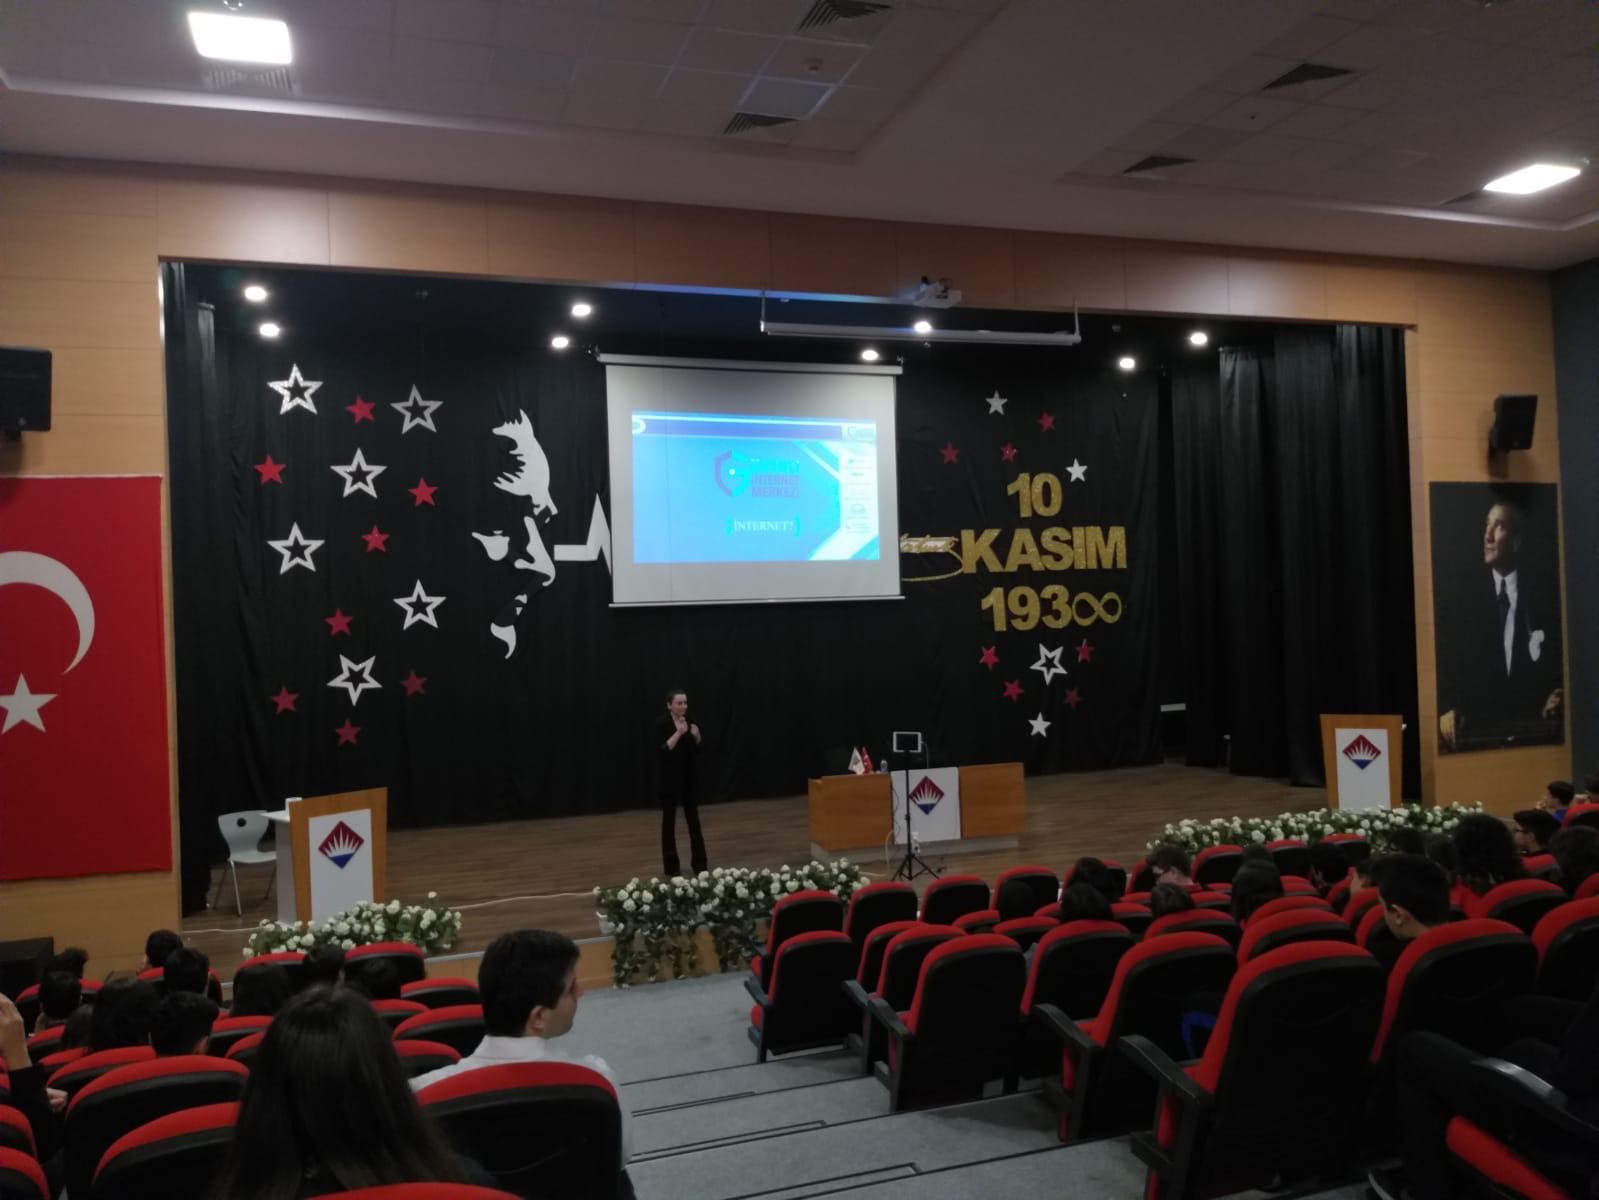 İstanbul Bahçeşehir Tema Kolejinde, Bilinçli ve Güvenli İnternet Semineri